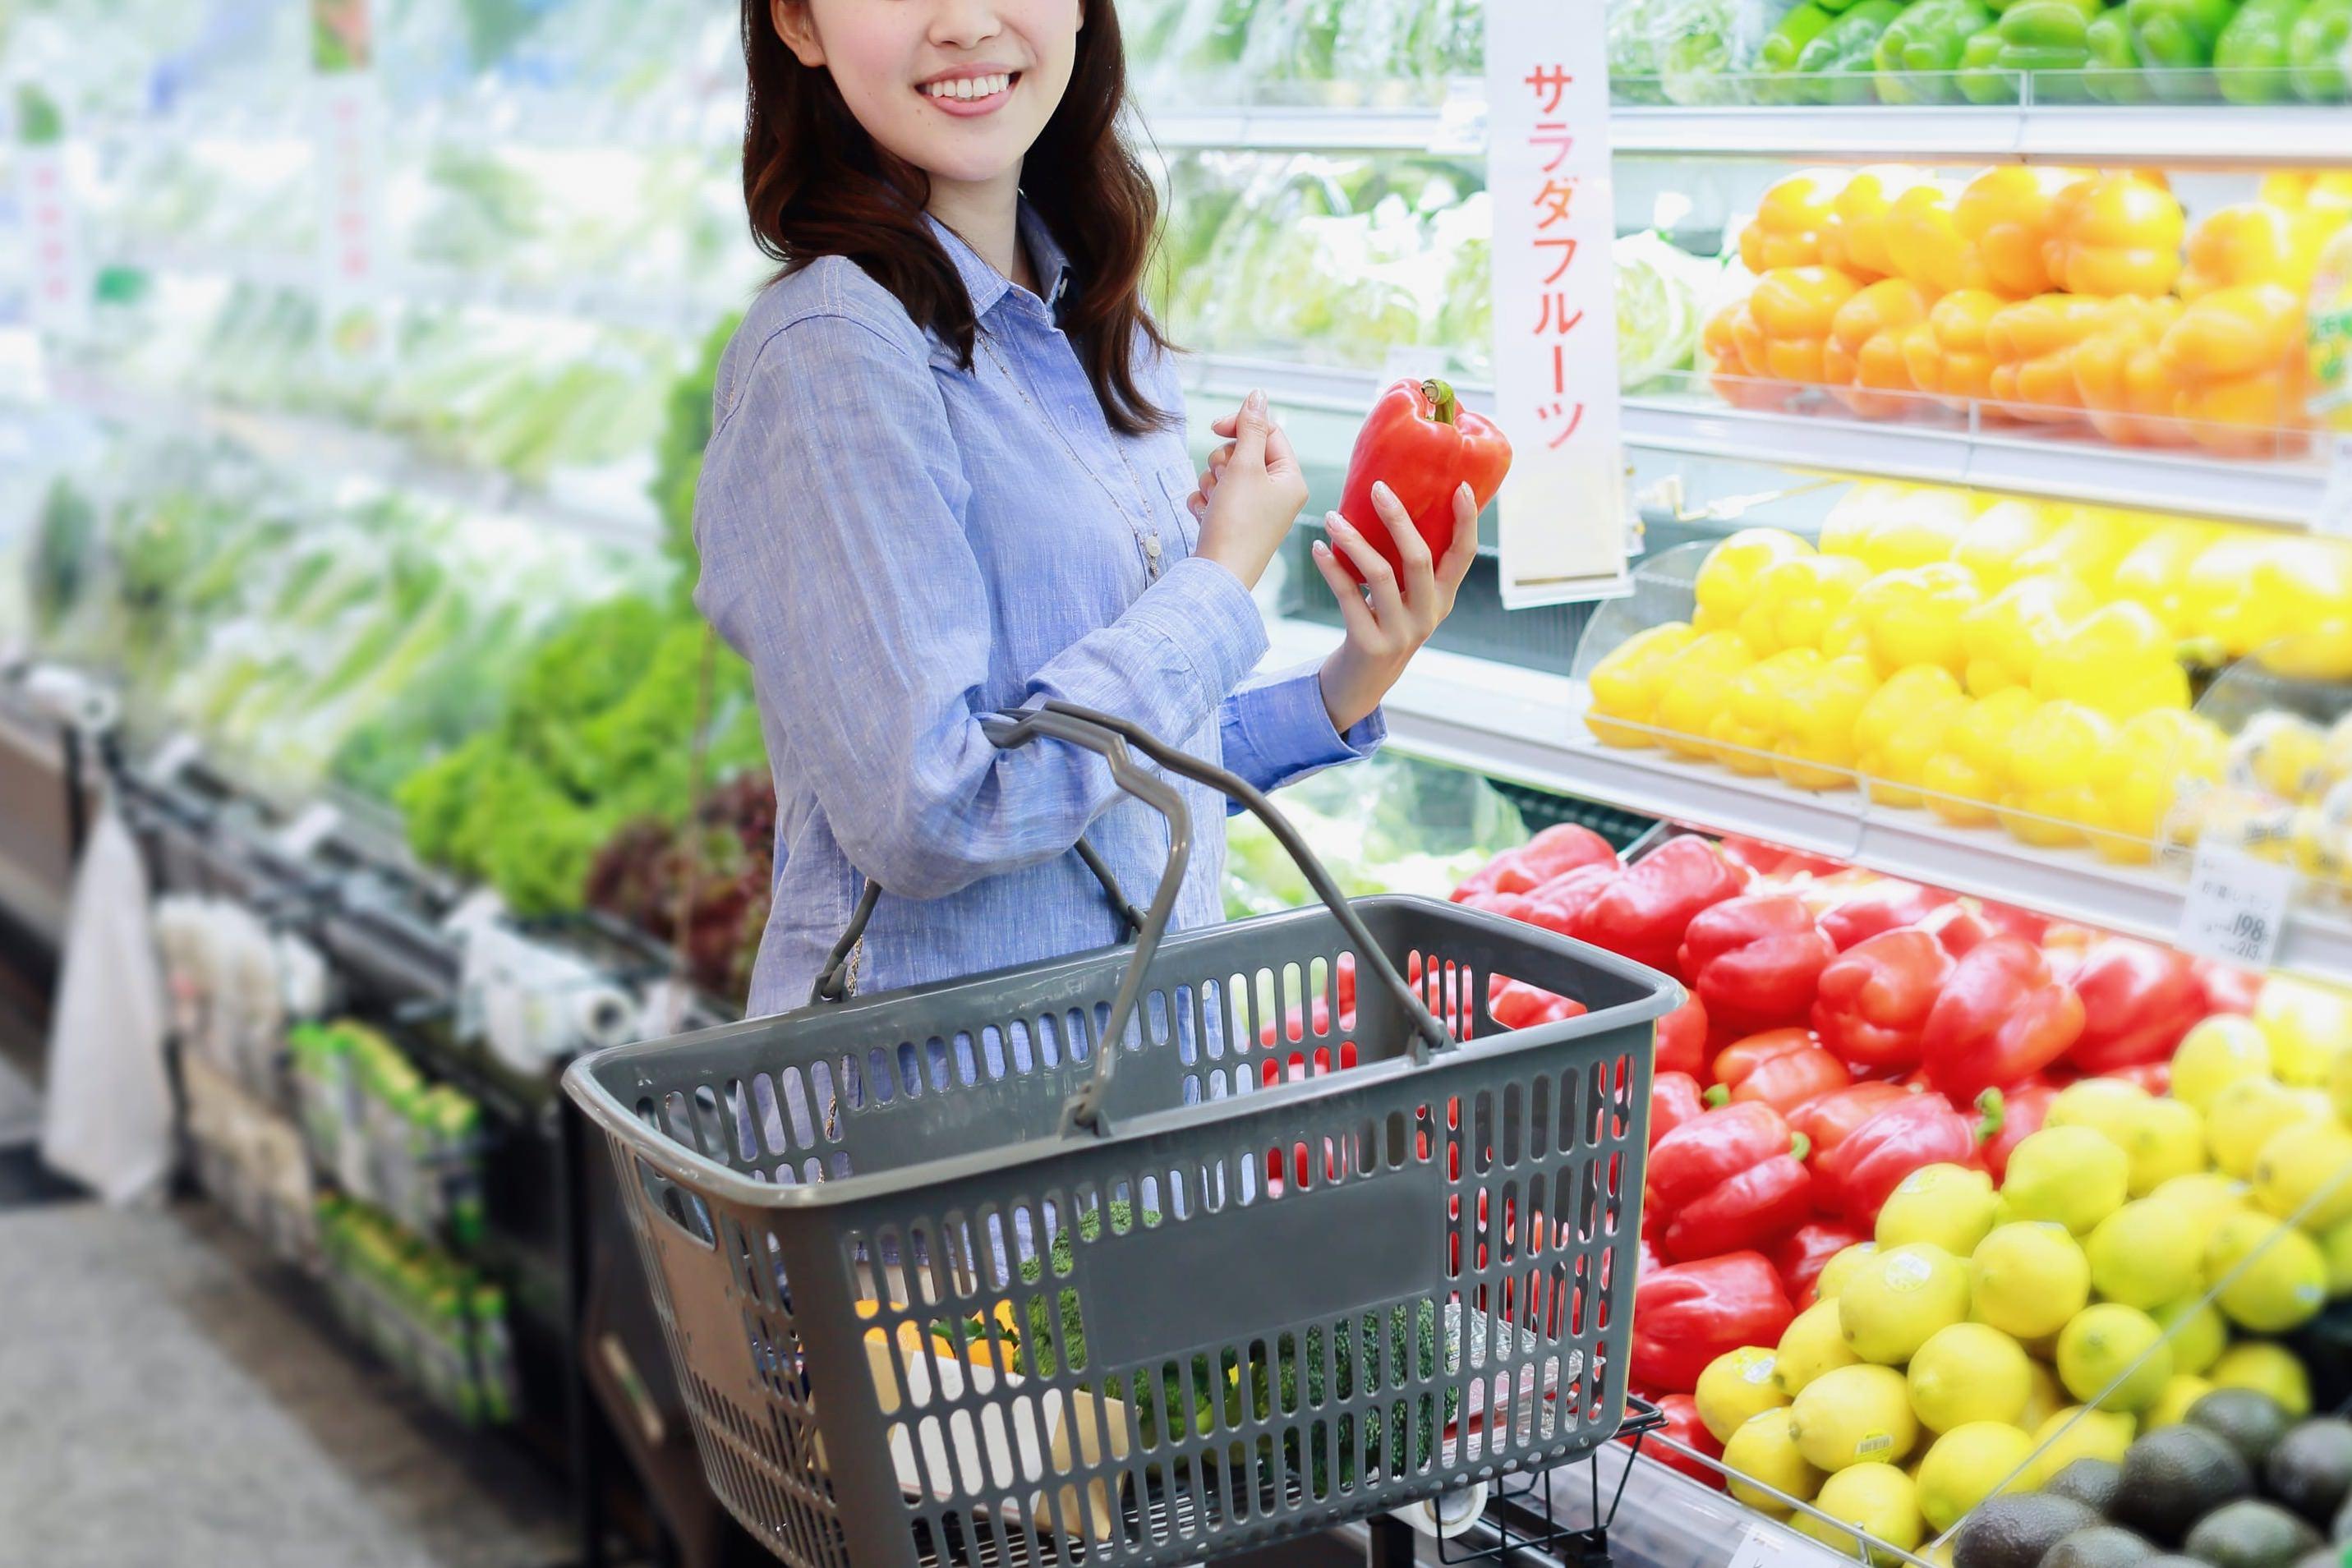 スーパーマーケット・買い物